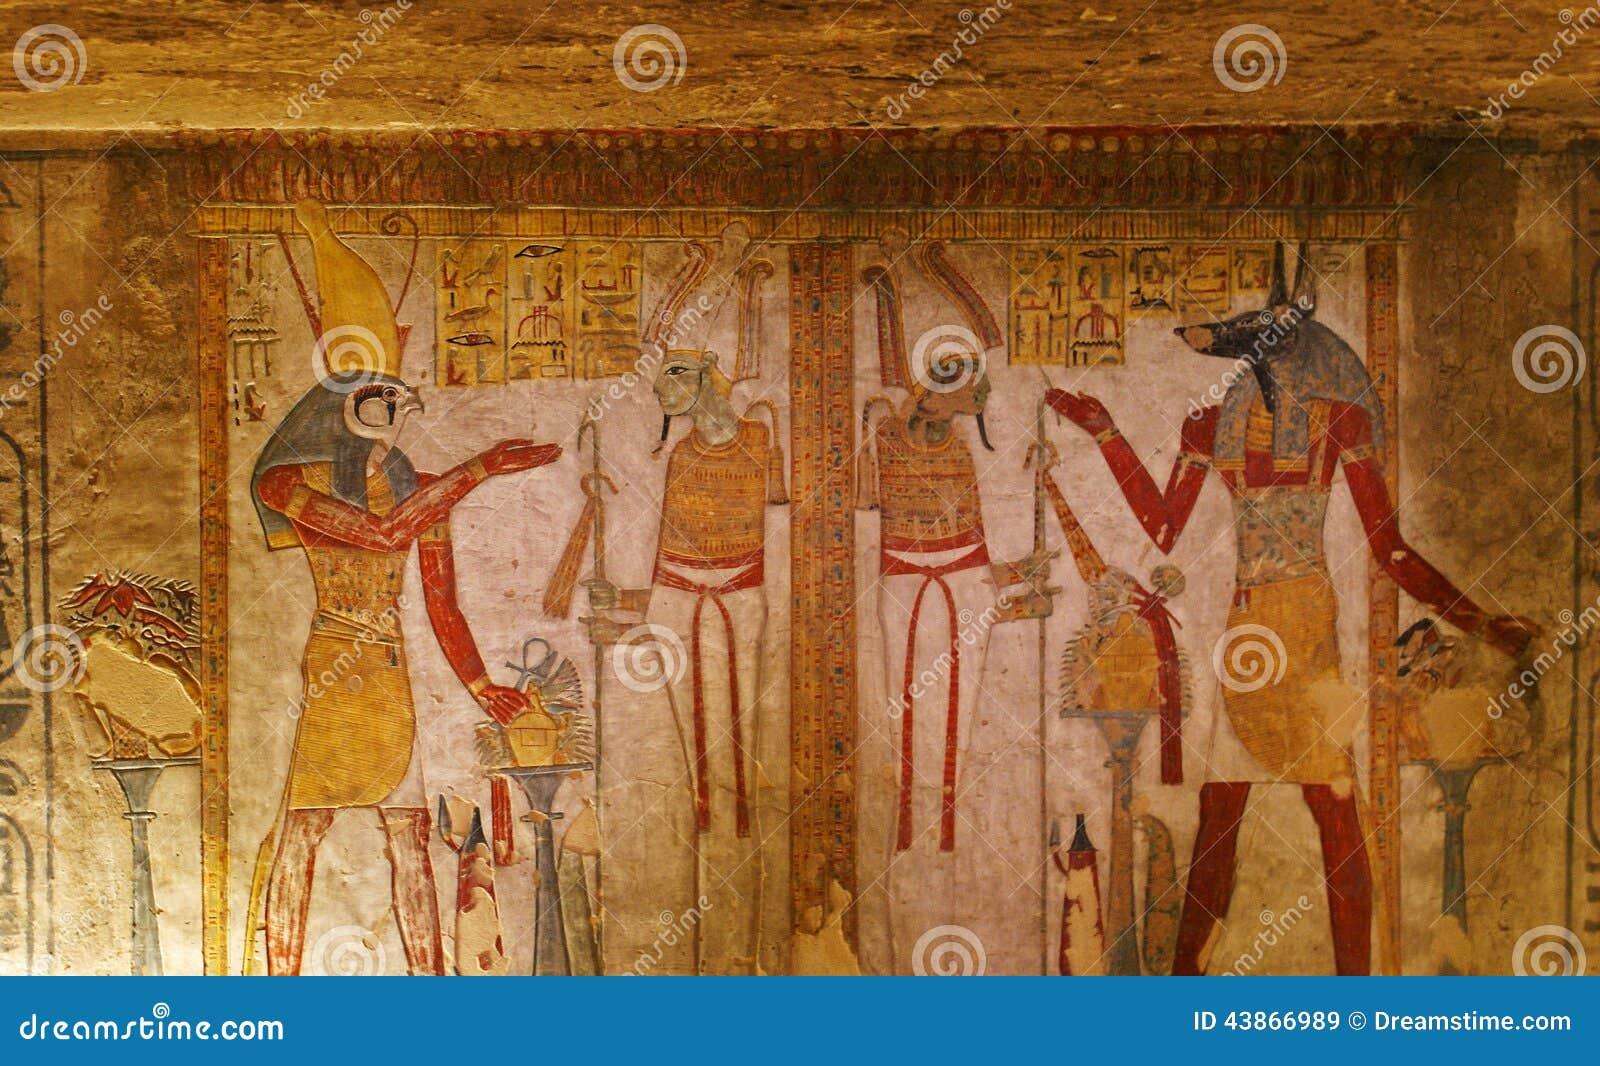 Graf het schilderen in de Vallei van de Koningen